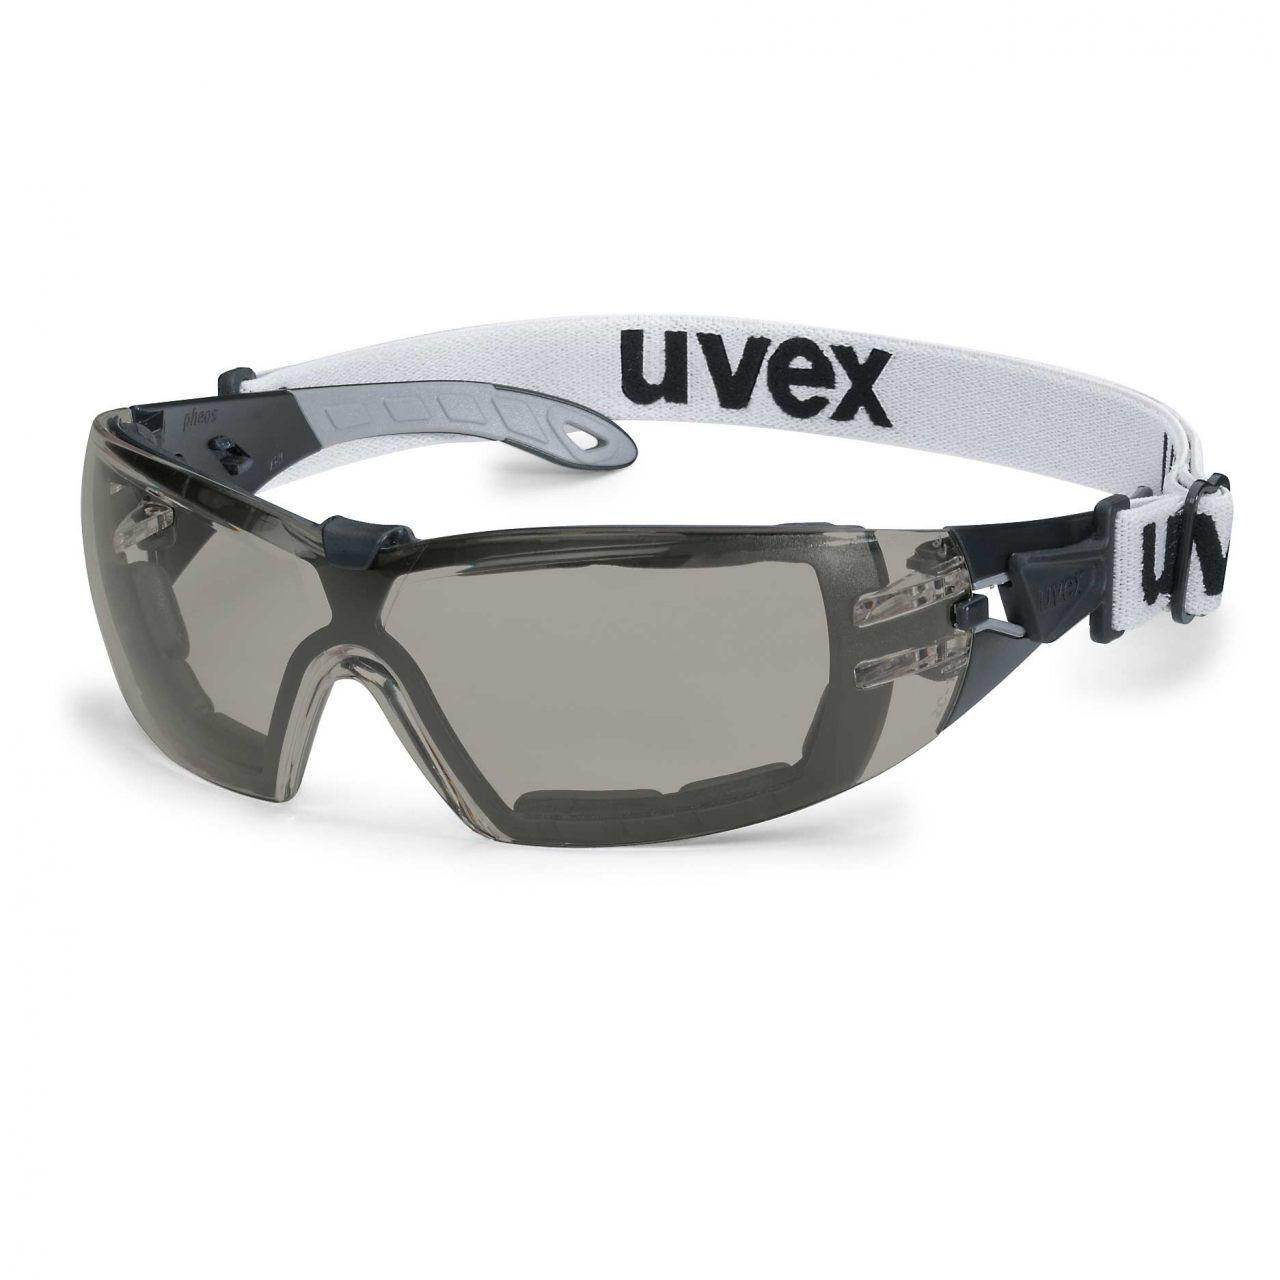 ... Uvex Pheos Garde Sv Extrême Lunettes de Transparent Sécurité Casque  Transparent de Verre Fumé f4801b ... 615dc07c2598